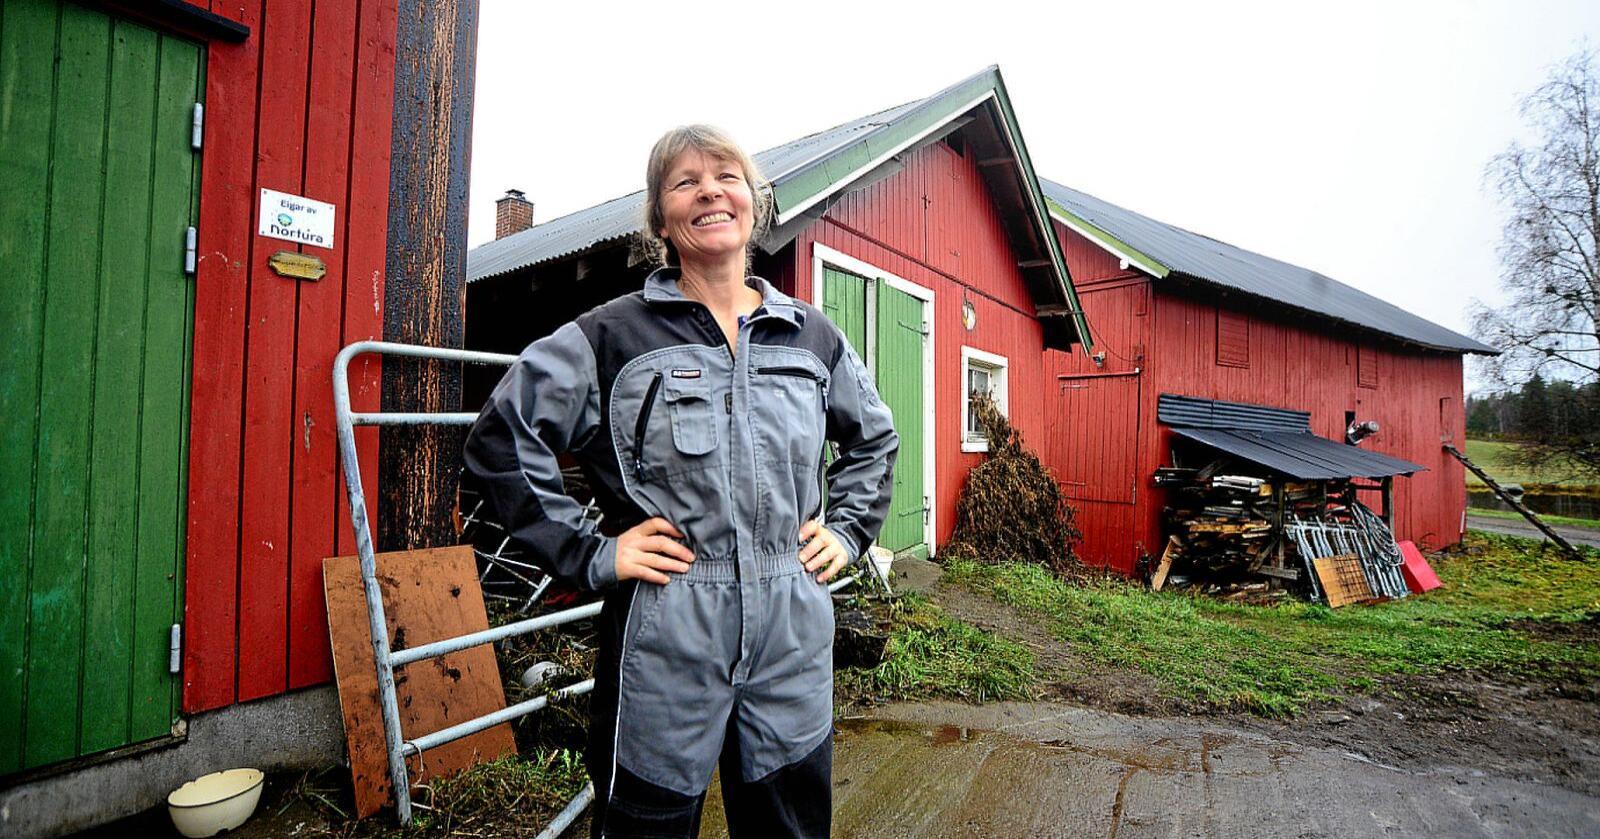 Hvert land har ansvar for å sikre sin egen befolkning nok mat, skriver leder Kjersti Hoff i Småbrukarlaget. Foto: Siri Juell Rasmussen